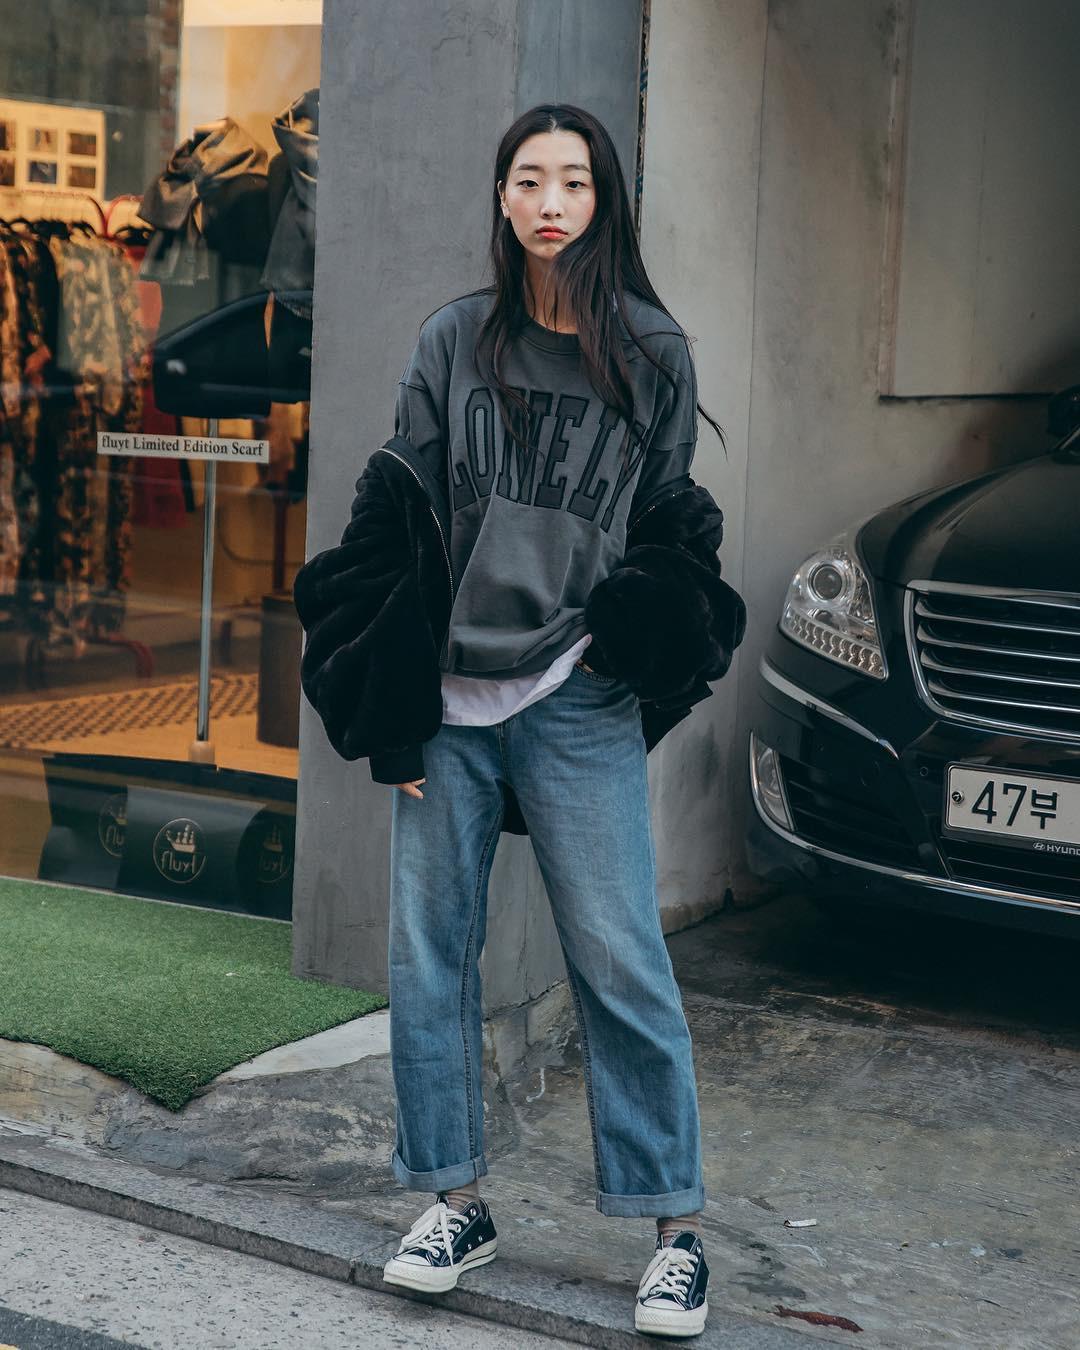 Street style không áo dạ, áo phao của giới trẻ Hàn tuần qua chính là gợi ý mix đồ tuyệt vời cho mùa đông không lạnh tại Hà Nội lúc này - Ảnh 9.